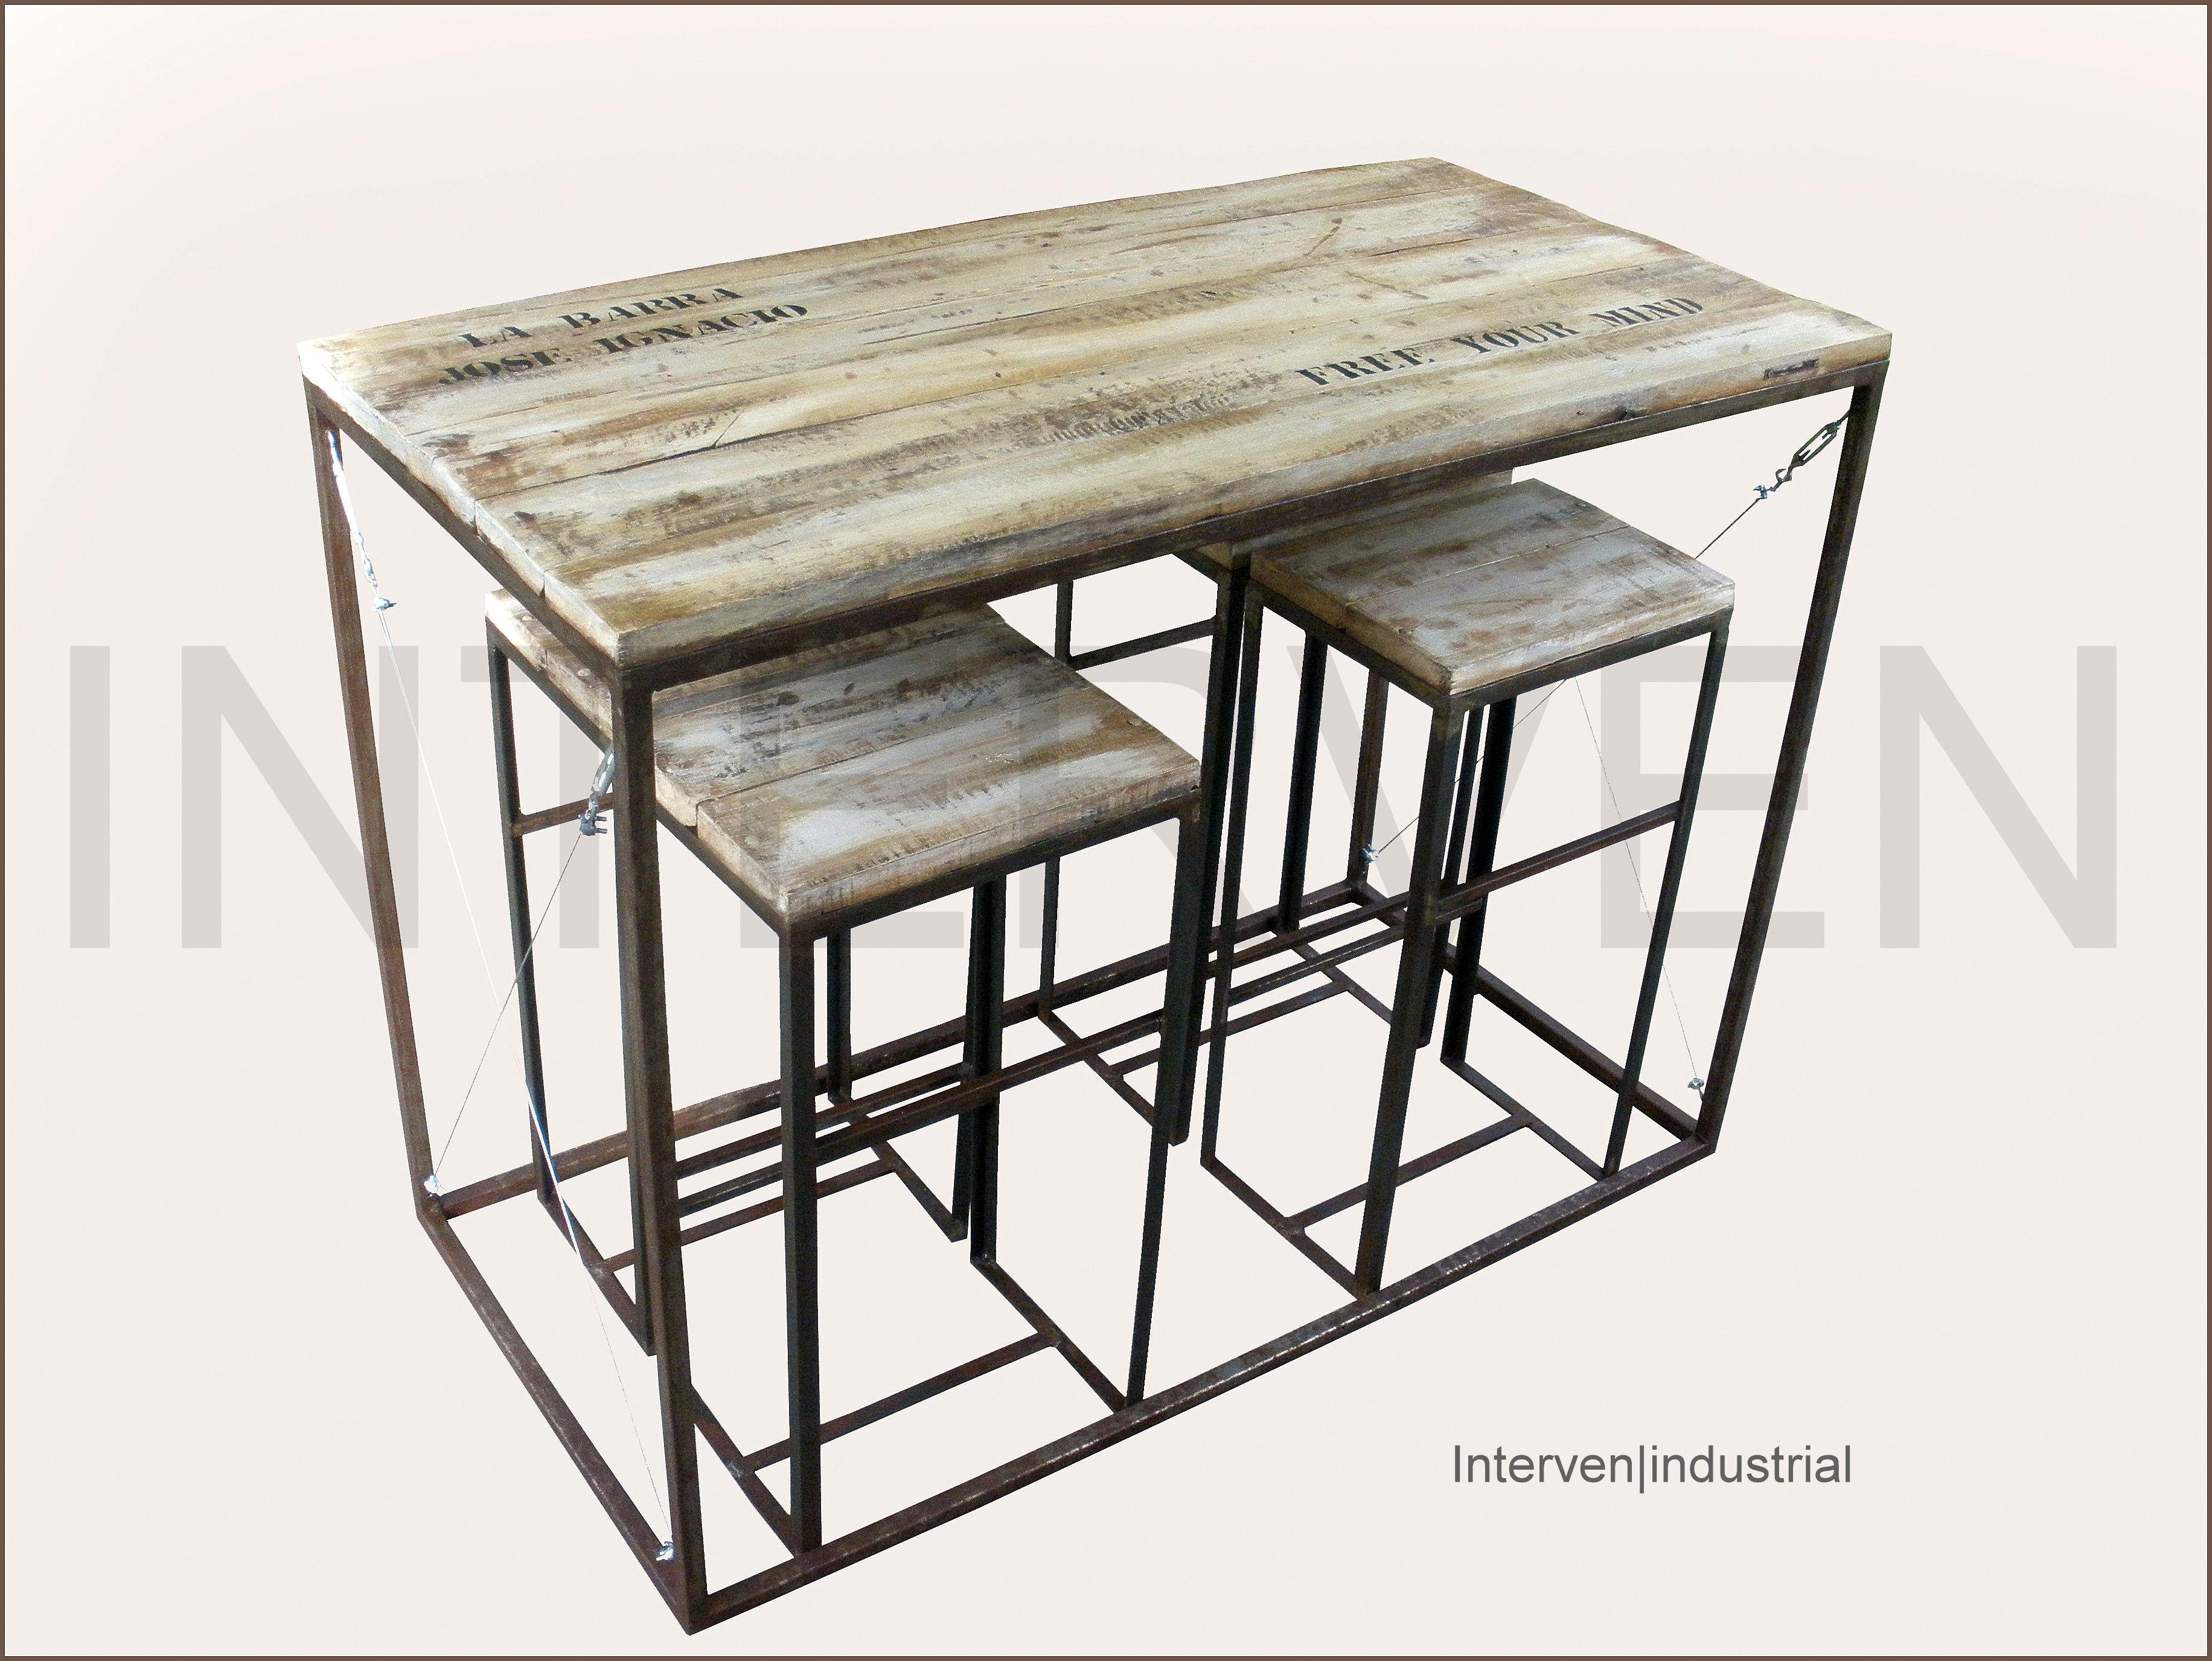 Mesa alta con taburetes Interven|industrial Hierro envejecido semi ...